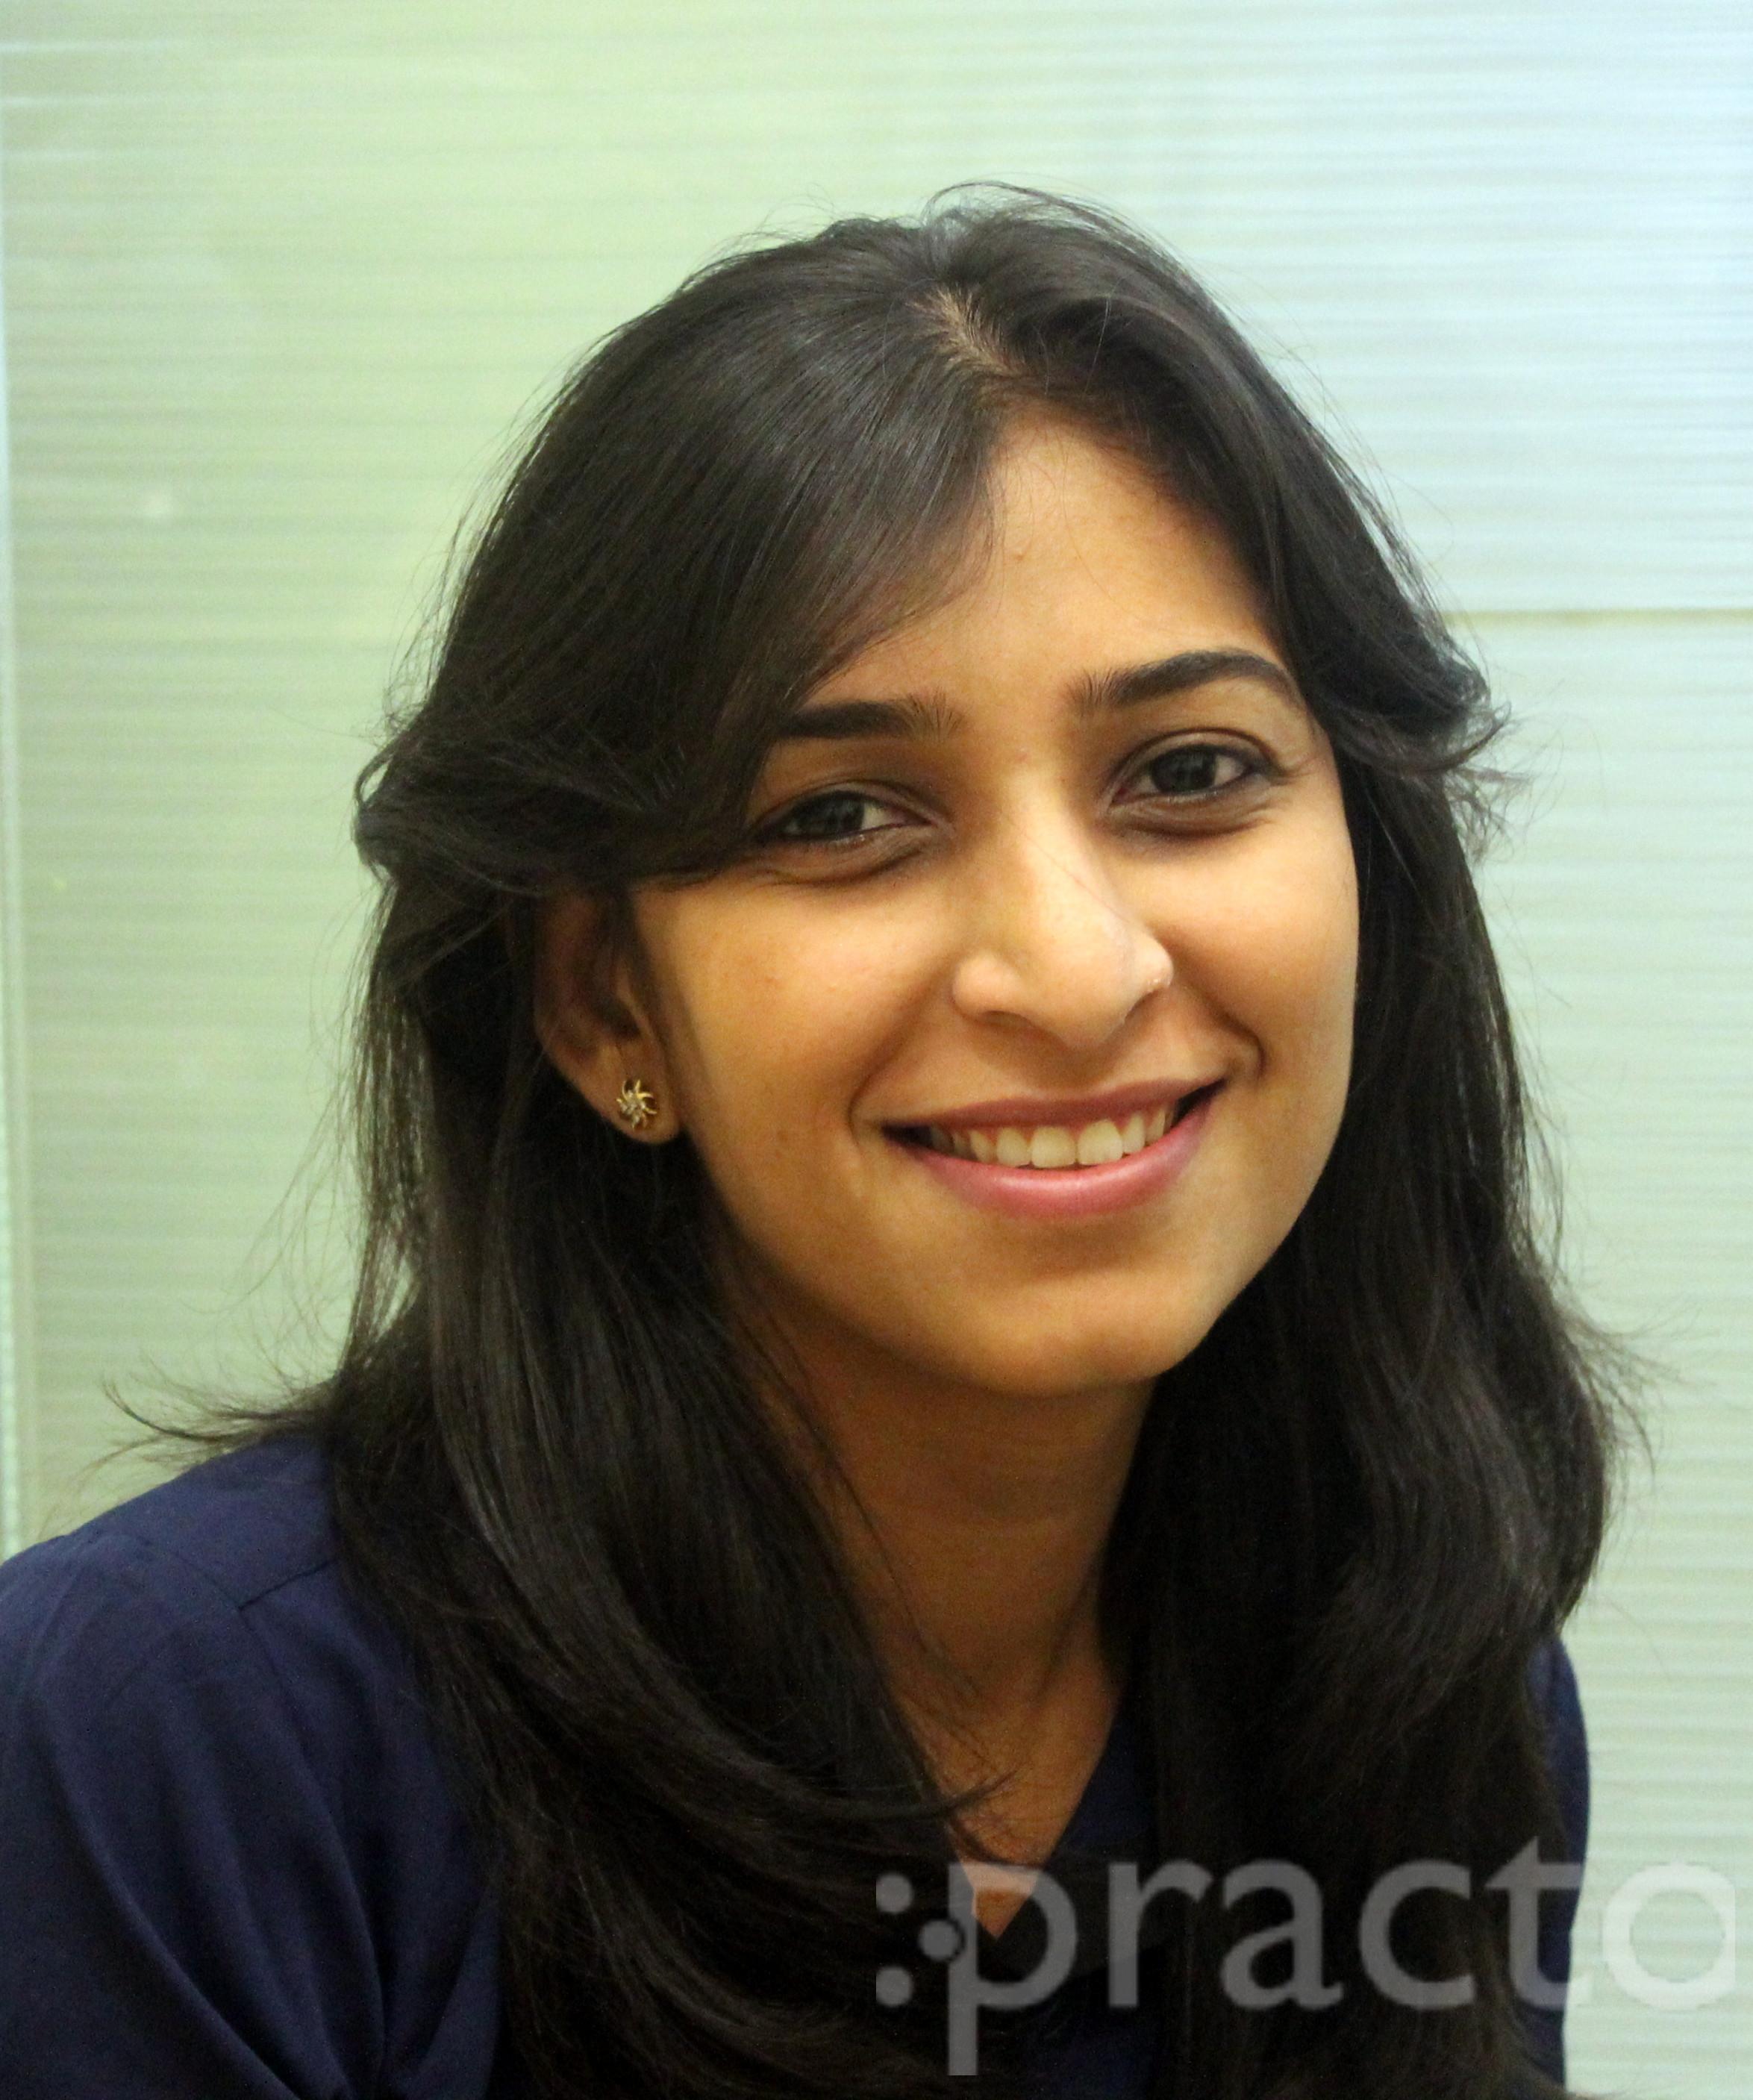 Dr. Sanah Khan - Dentist